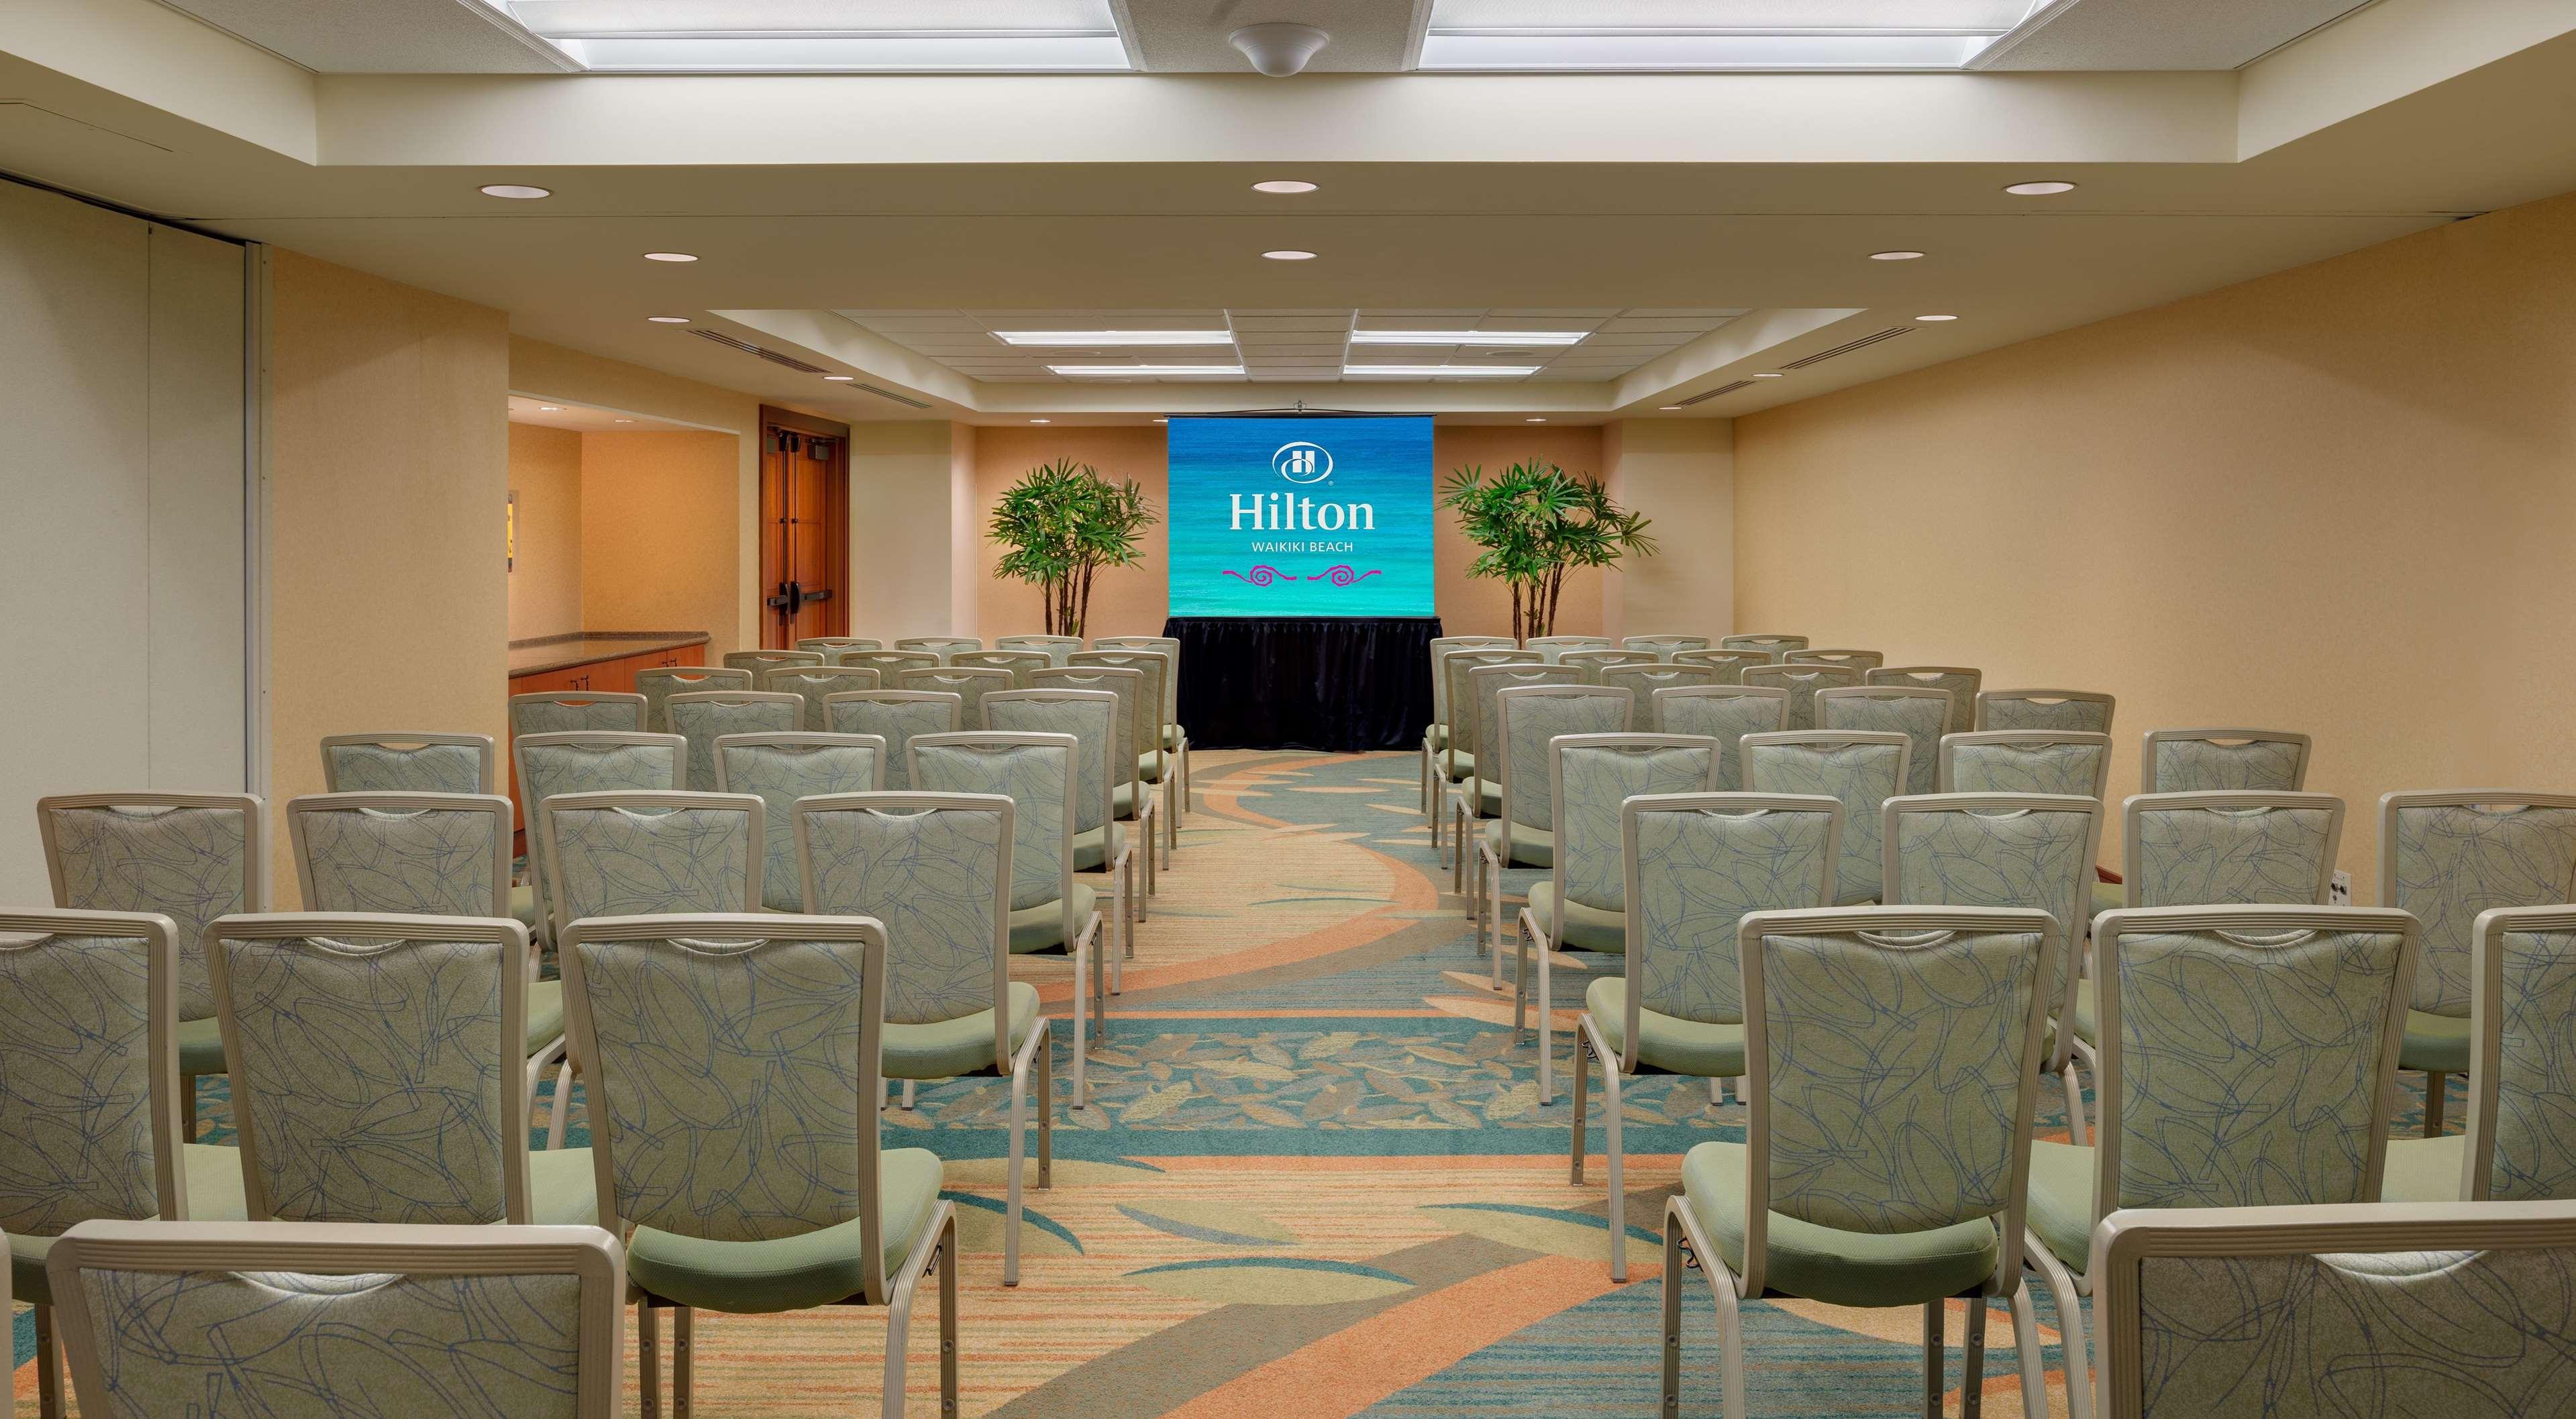 Hilton Waikiki Beach image 20